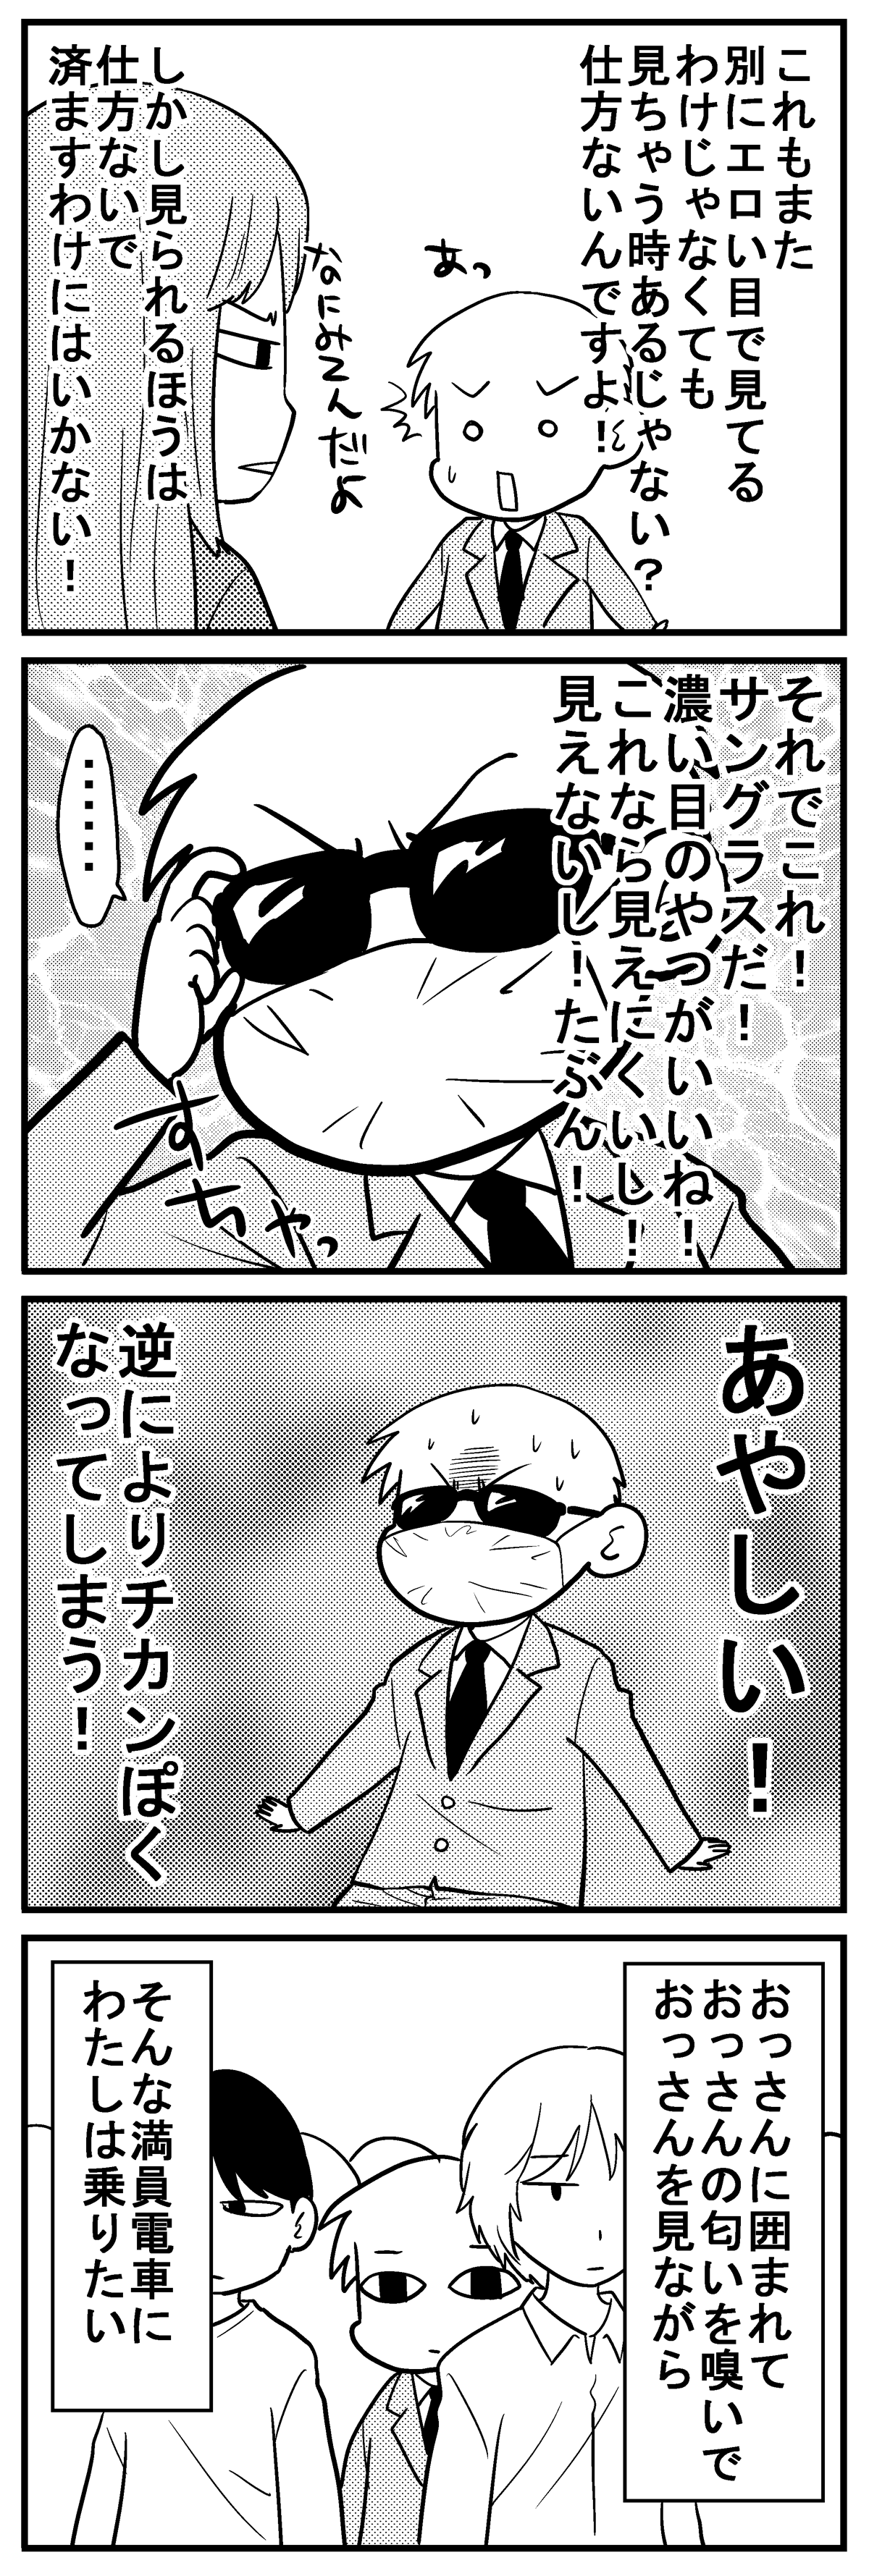 深読みくん53-4